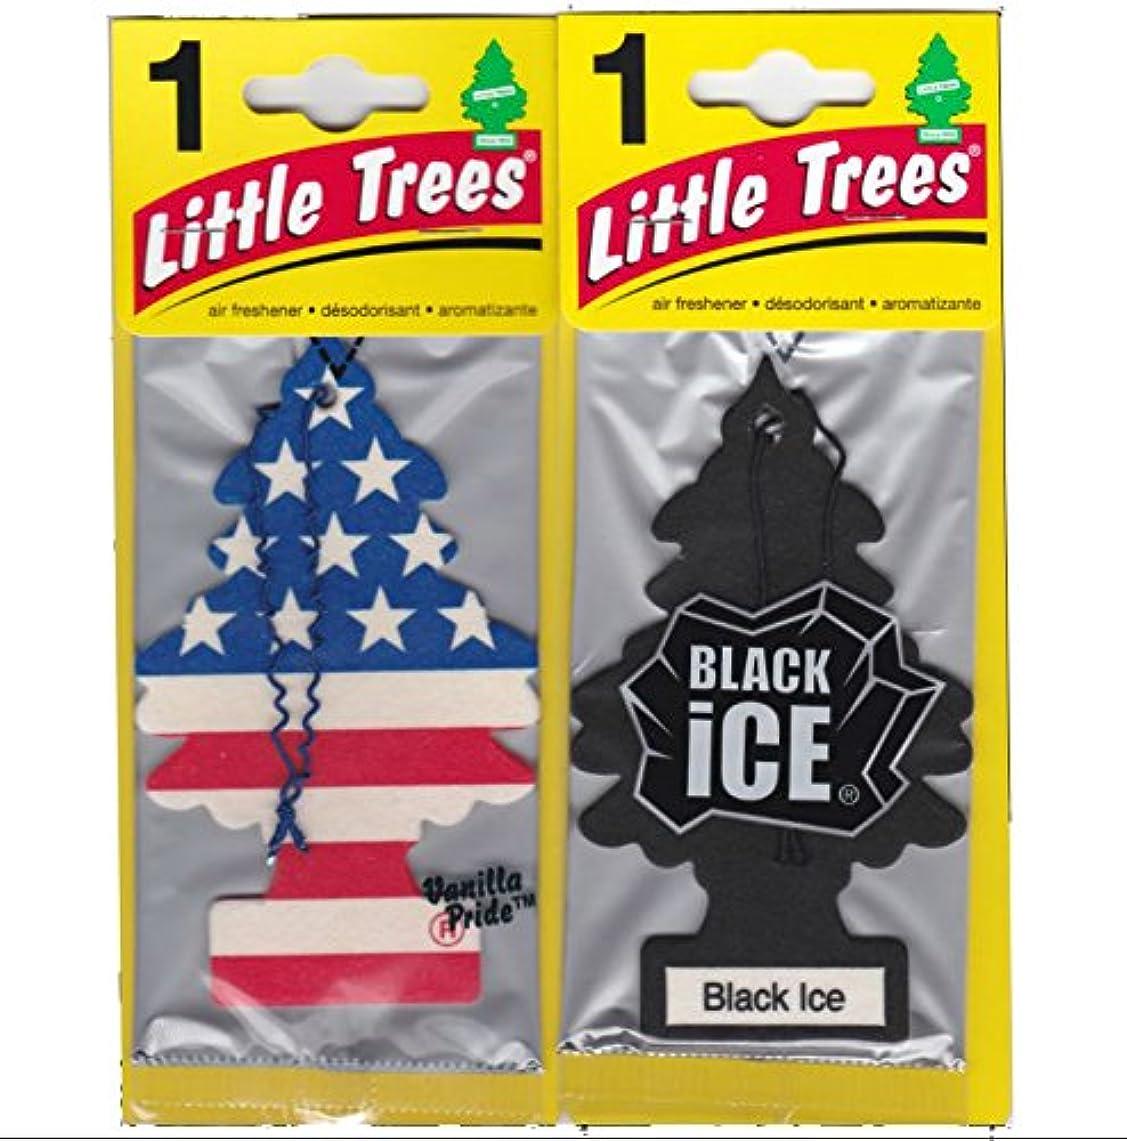 騒乱しばしば素晴らしさLittle Trees 吊下げ式 芳香剤 エアーフレッシュナー ブラックアイス & バニラプライド [並行輸入品]